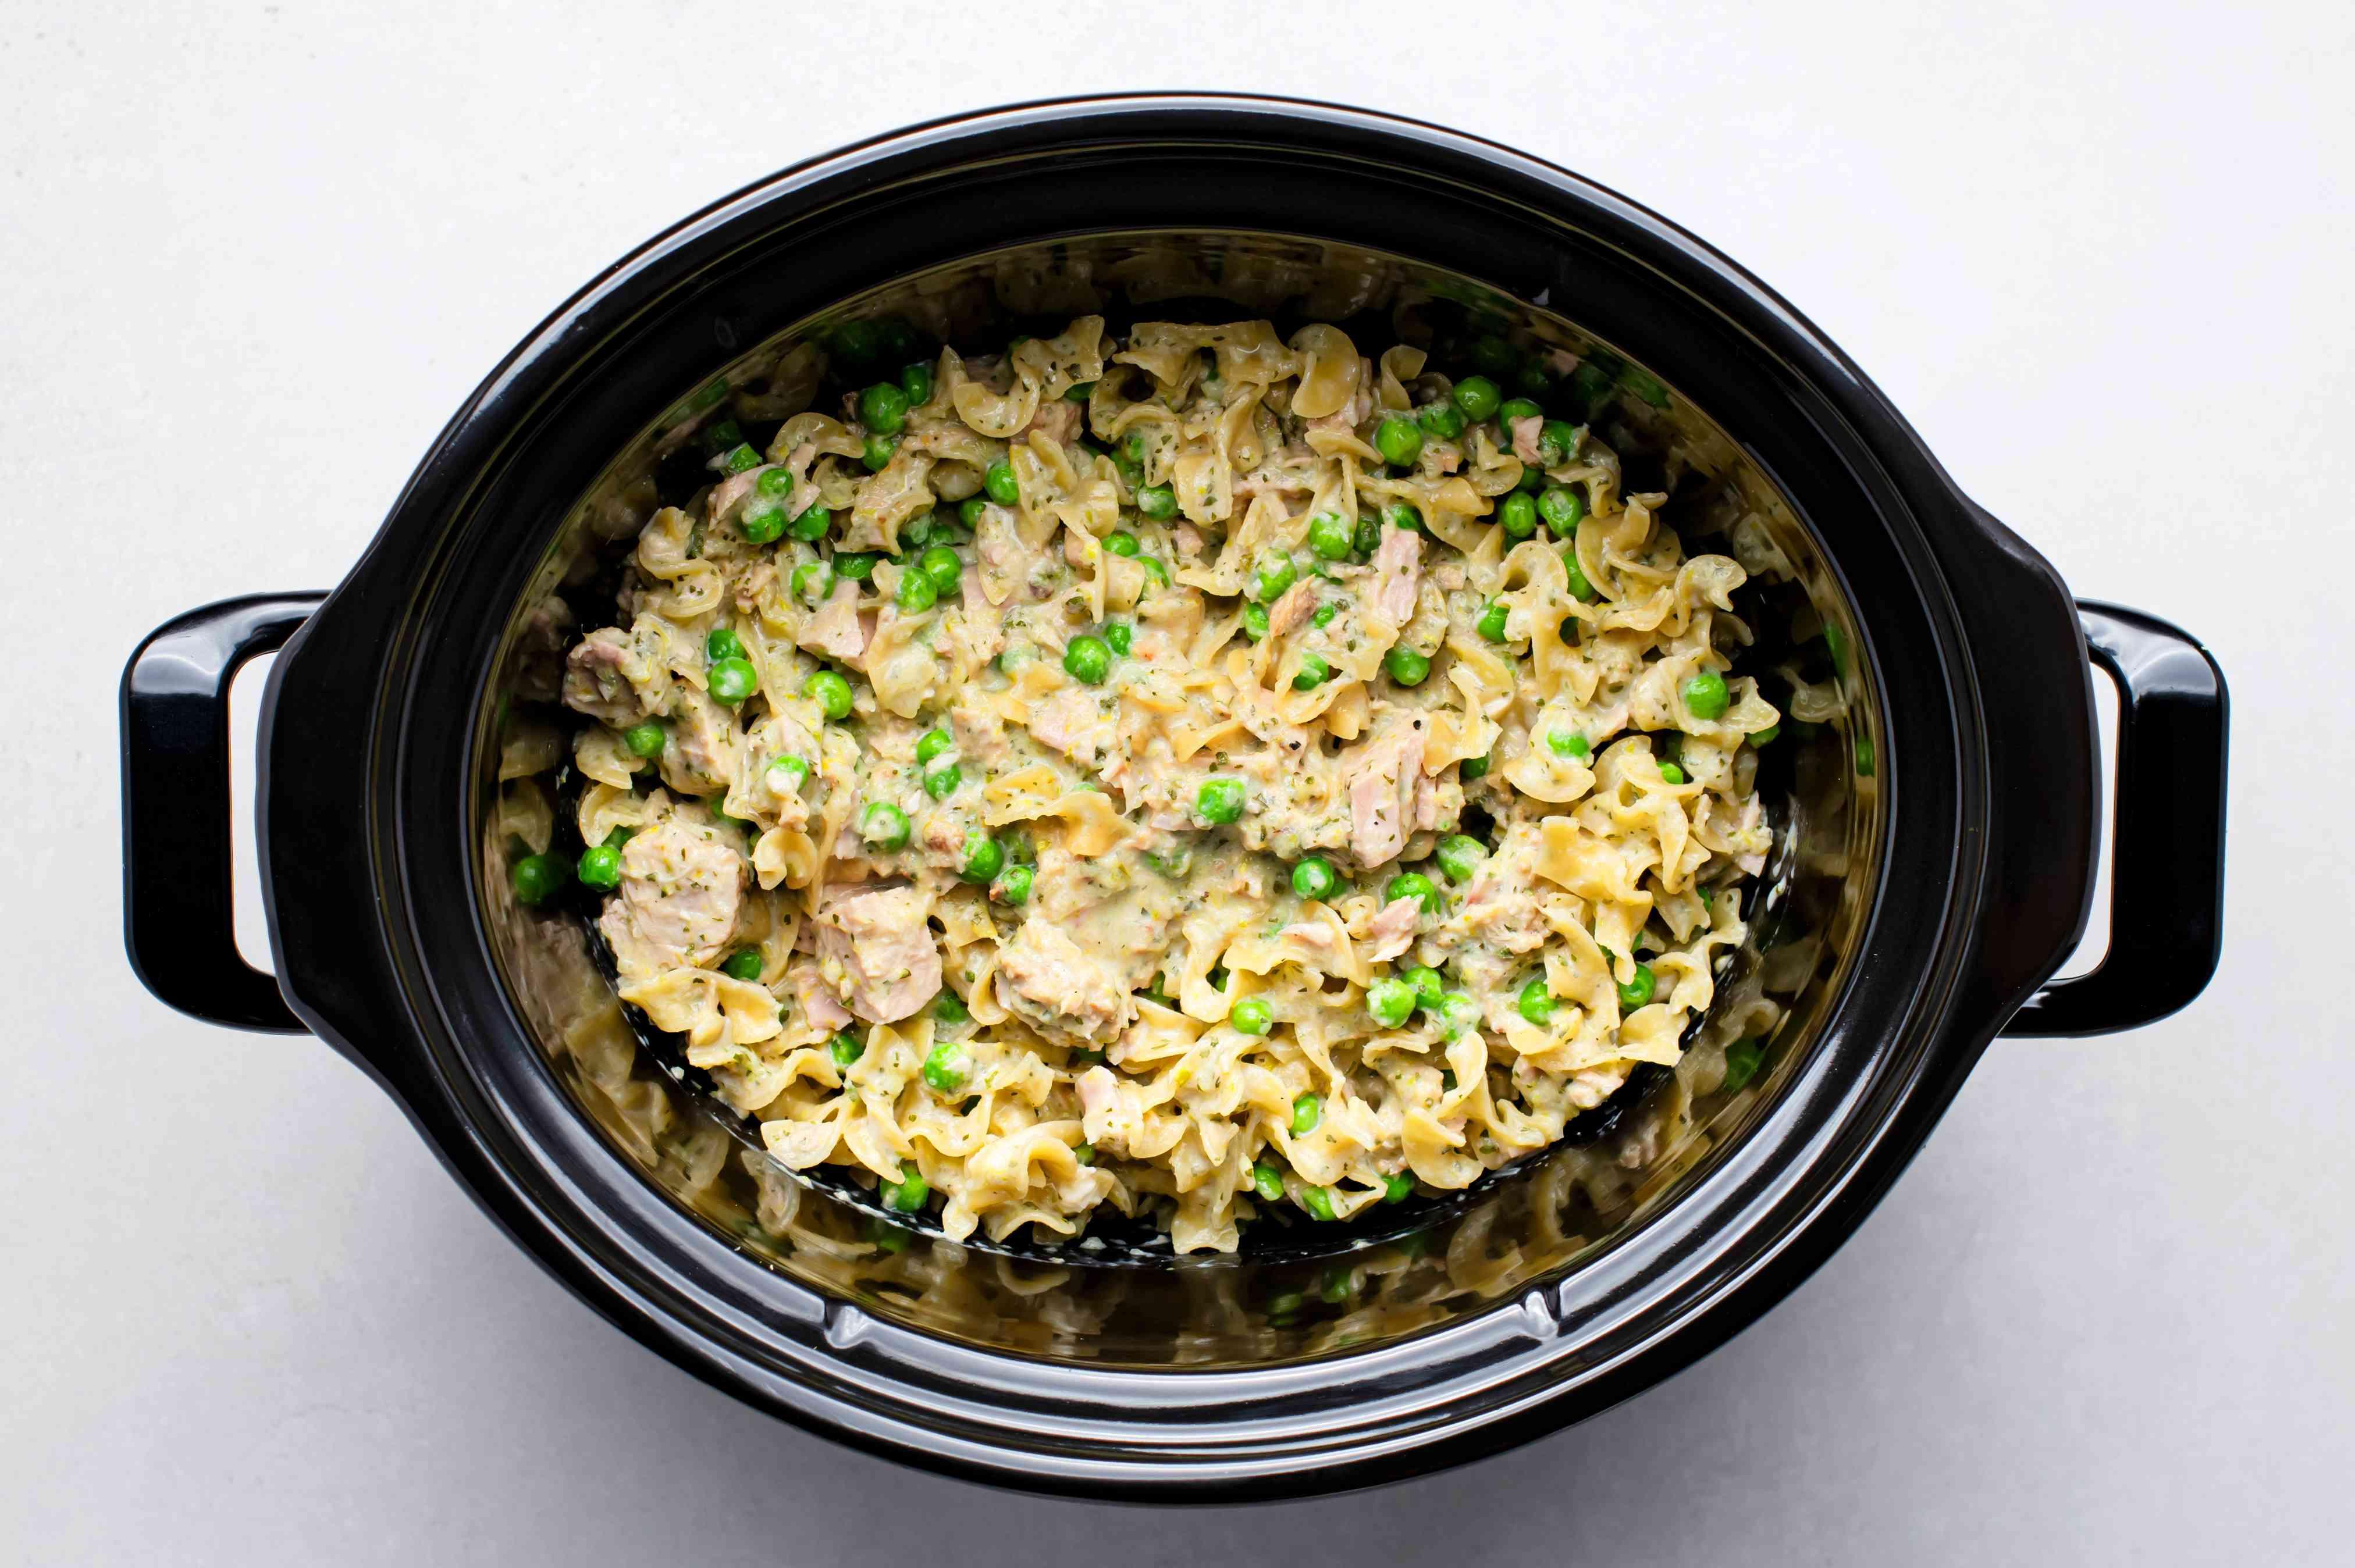 tuna casserole in a Crock Pot